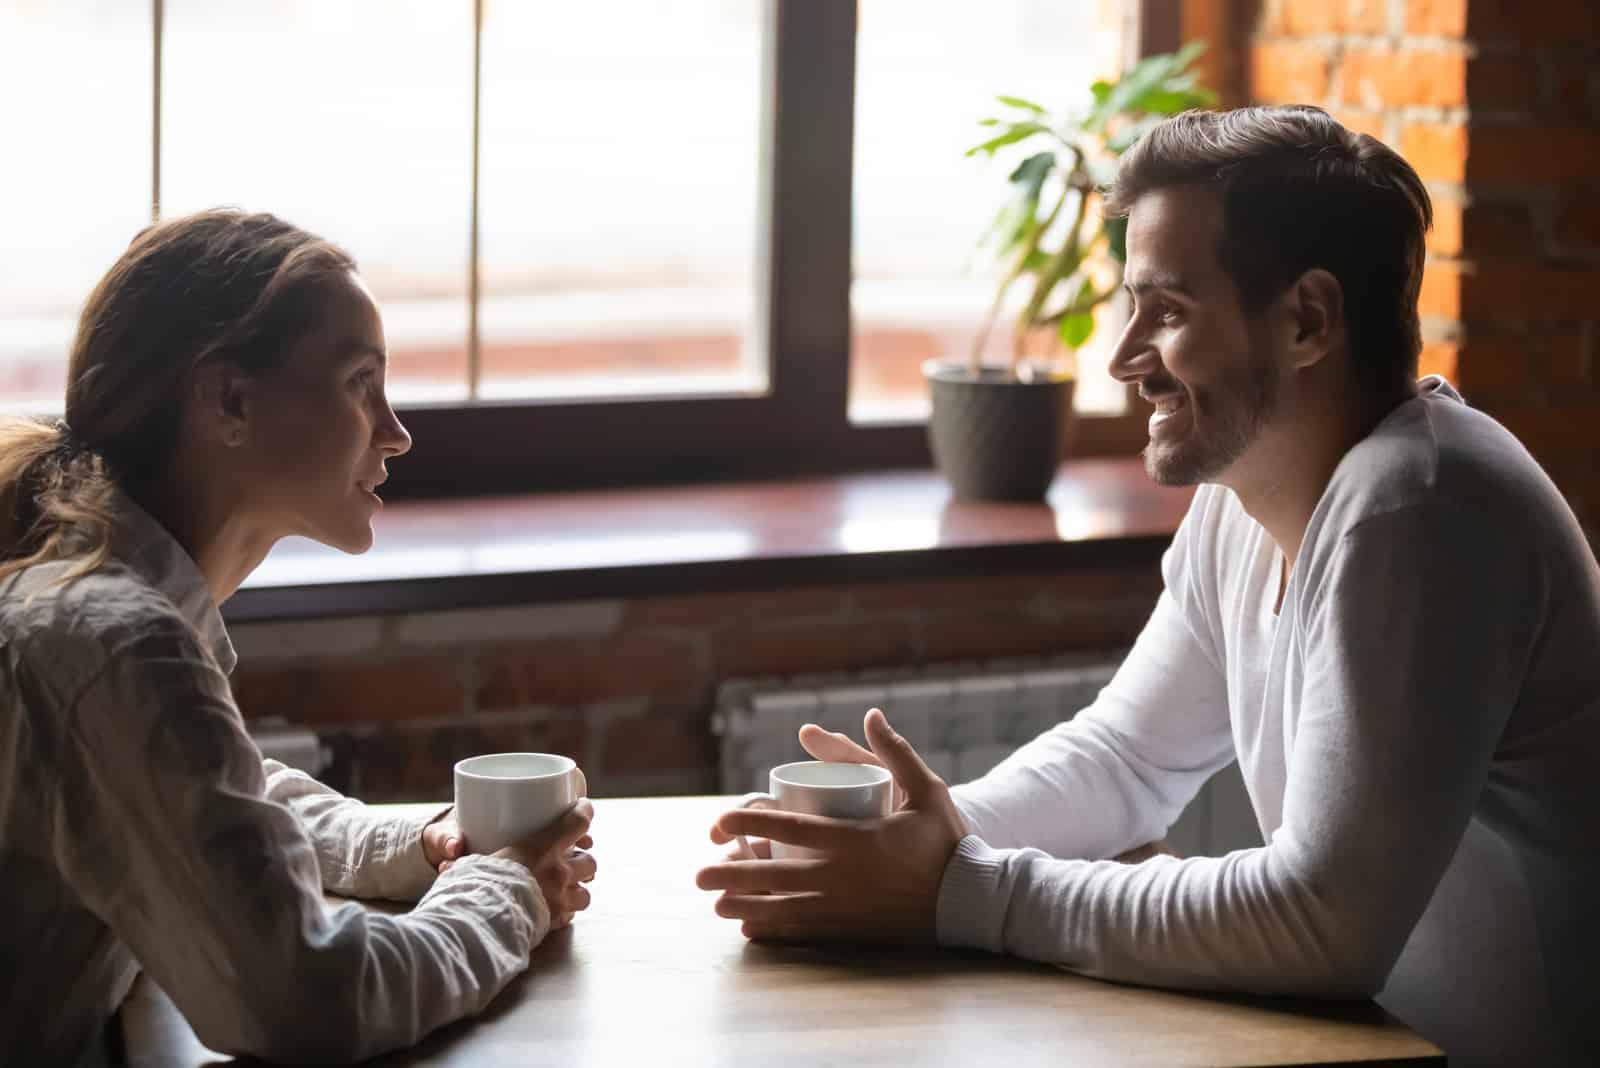 un homme et une femme assis à une table tenant une tasse de café à la main et parler